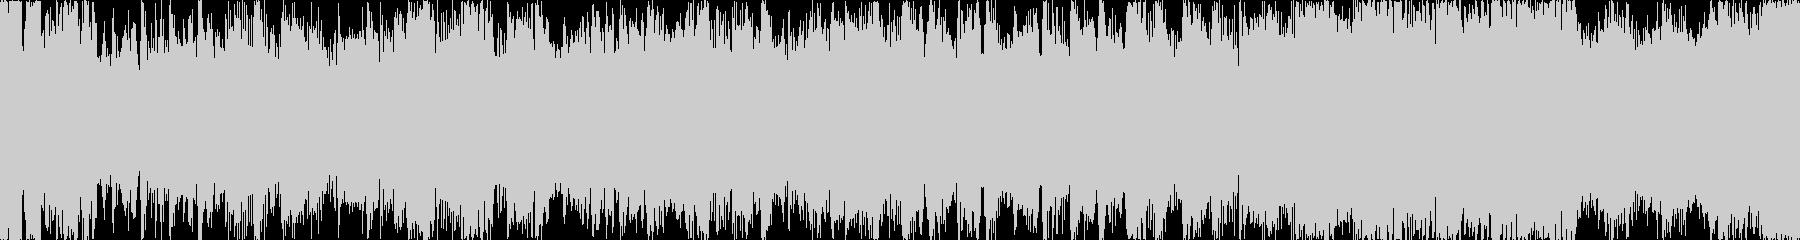 【ループD】パワフルで高揚感ピアノEDMの未再生の波形